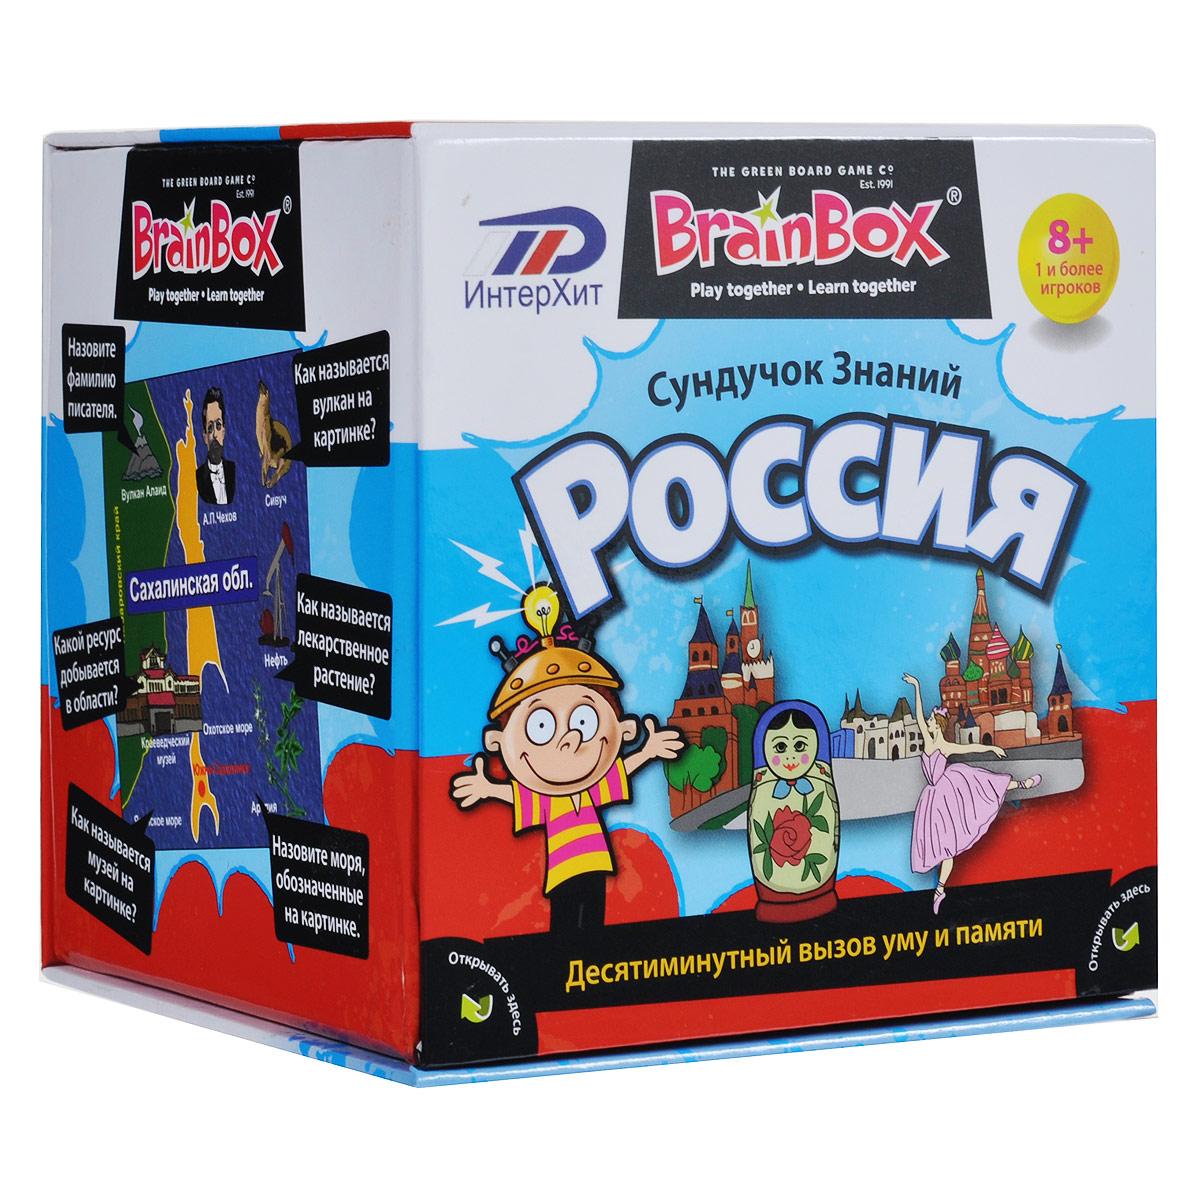 BrainBox Обучающая игра Россия brainbox brainbox игра сундучок знаний россия